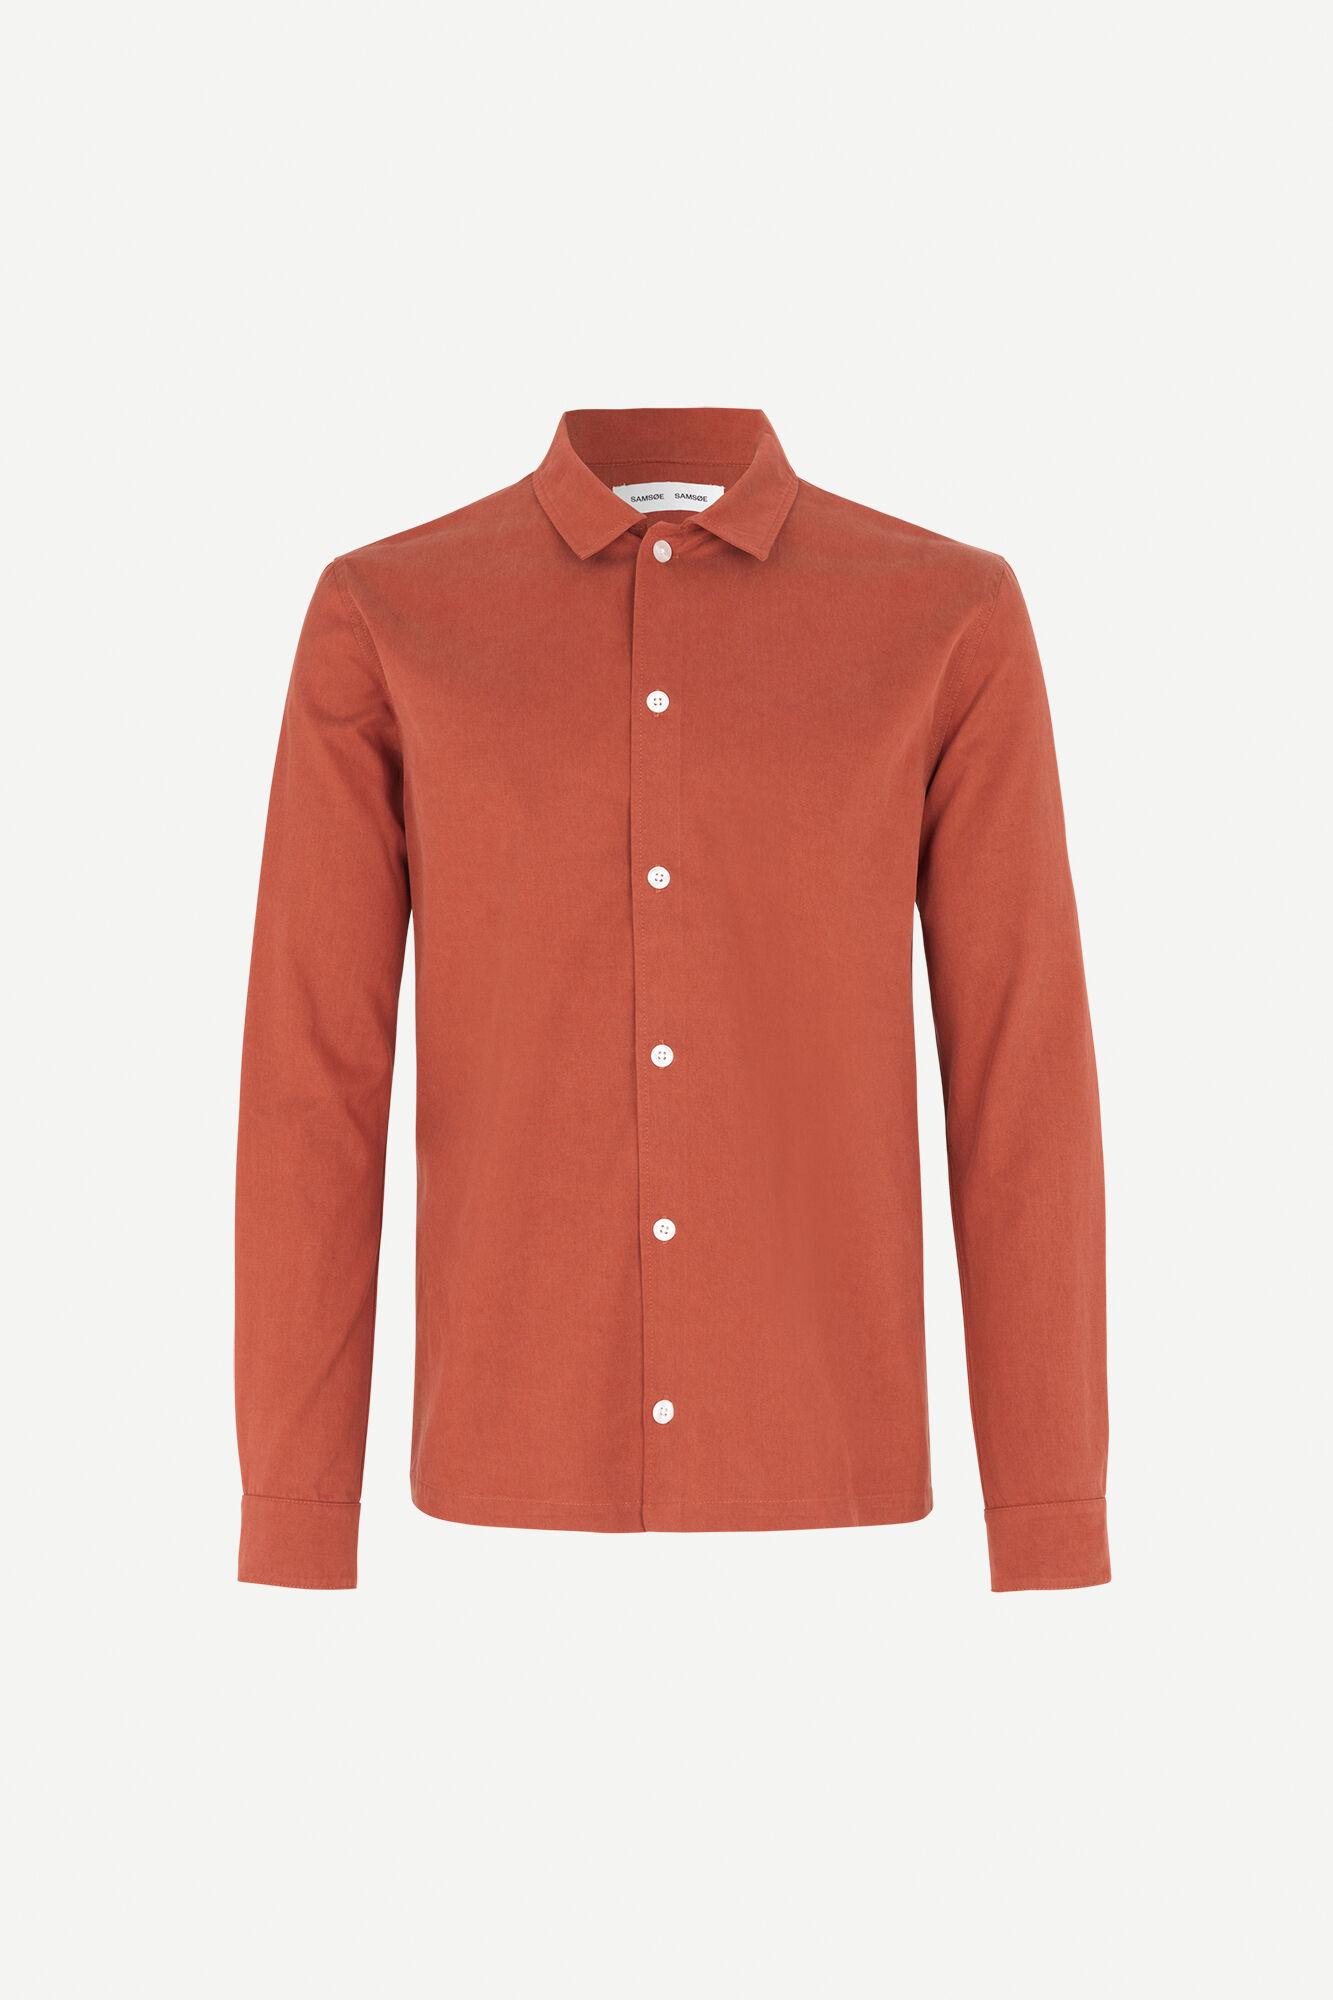 Taka JX shirt 11531, PICANTE